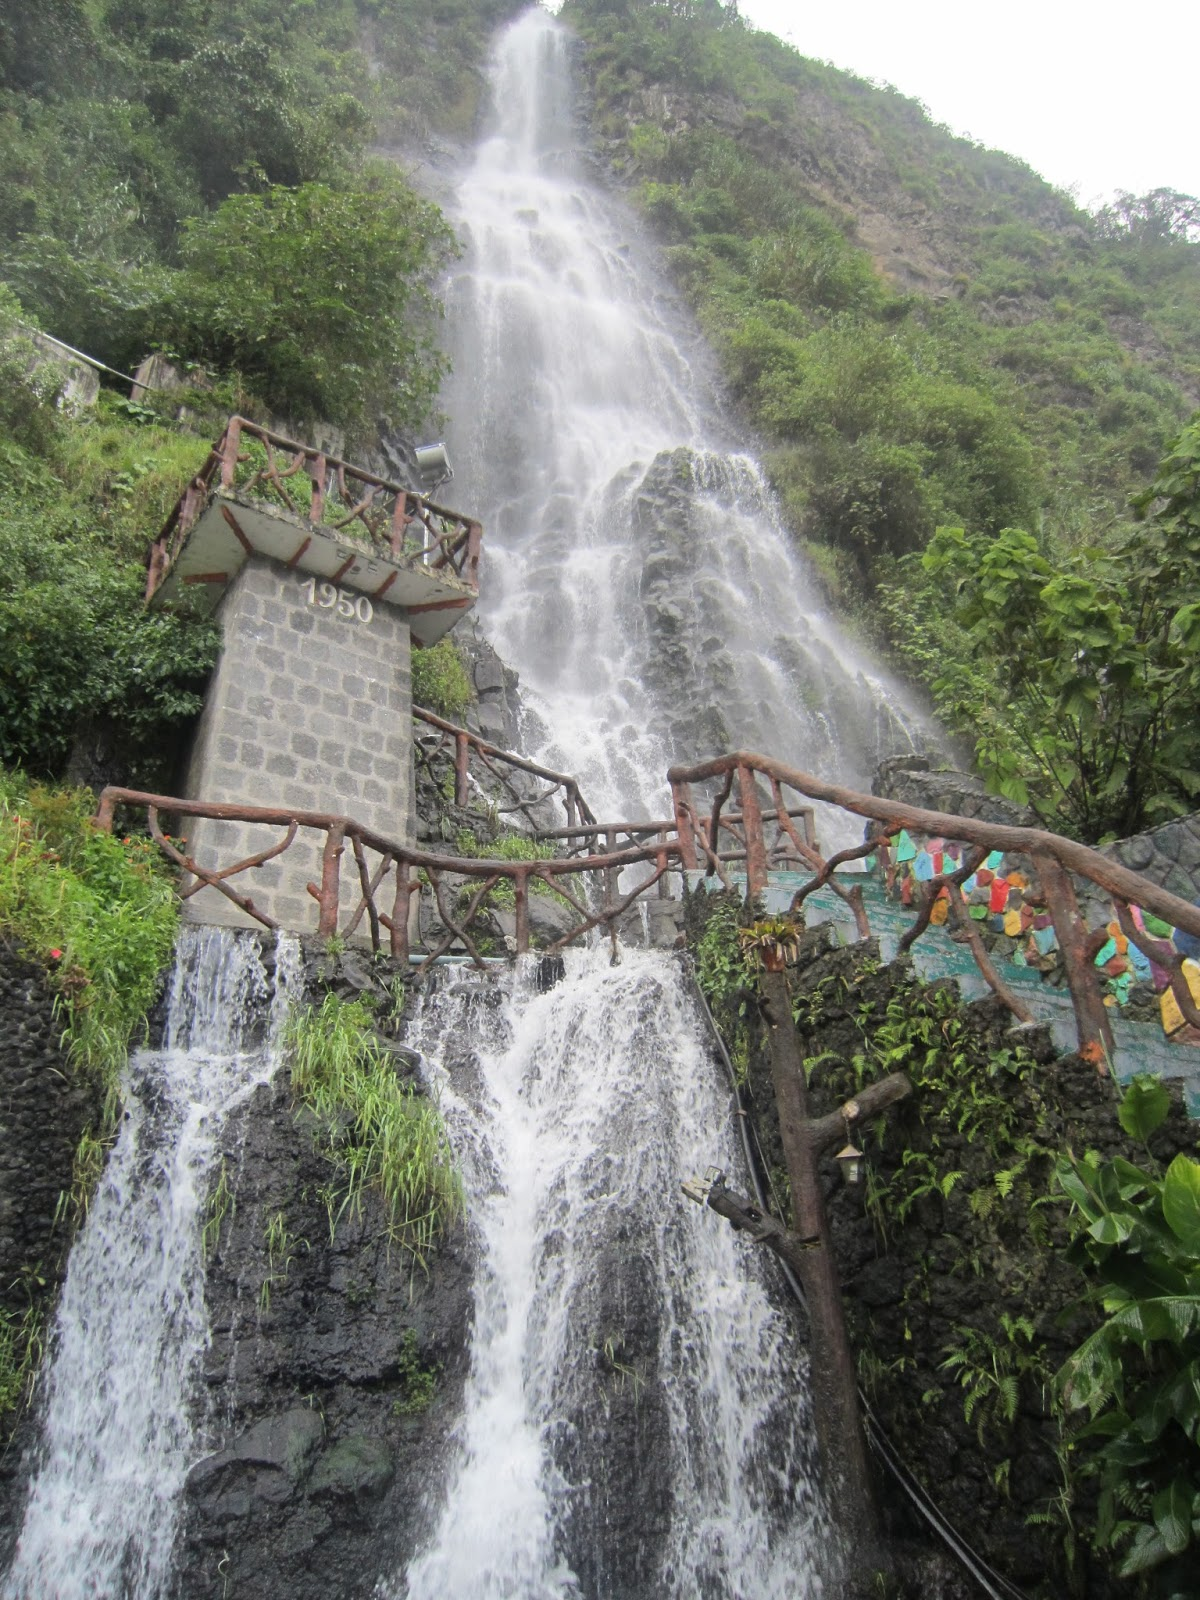 Pasaporte vago ecuador con encanto visita ba os de agua - Fotos de alicatados de banos ...